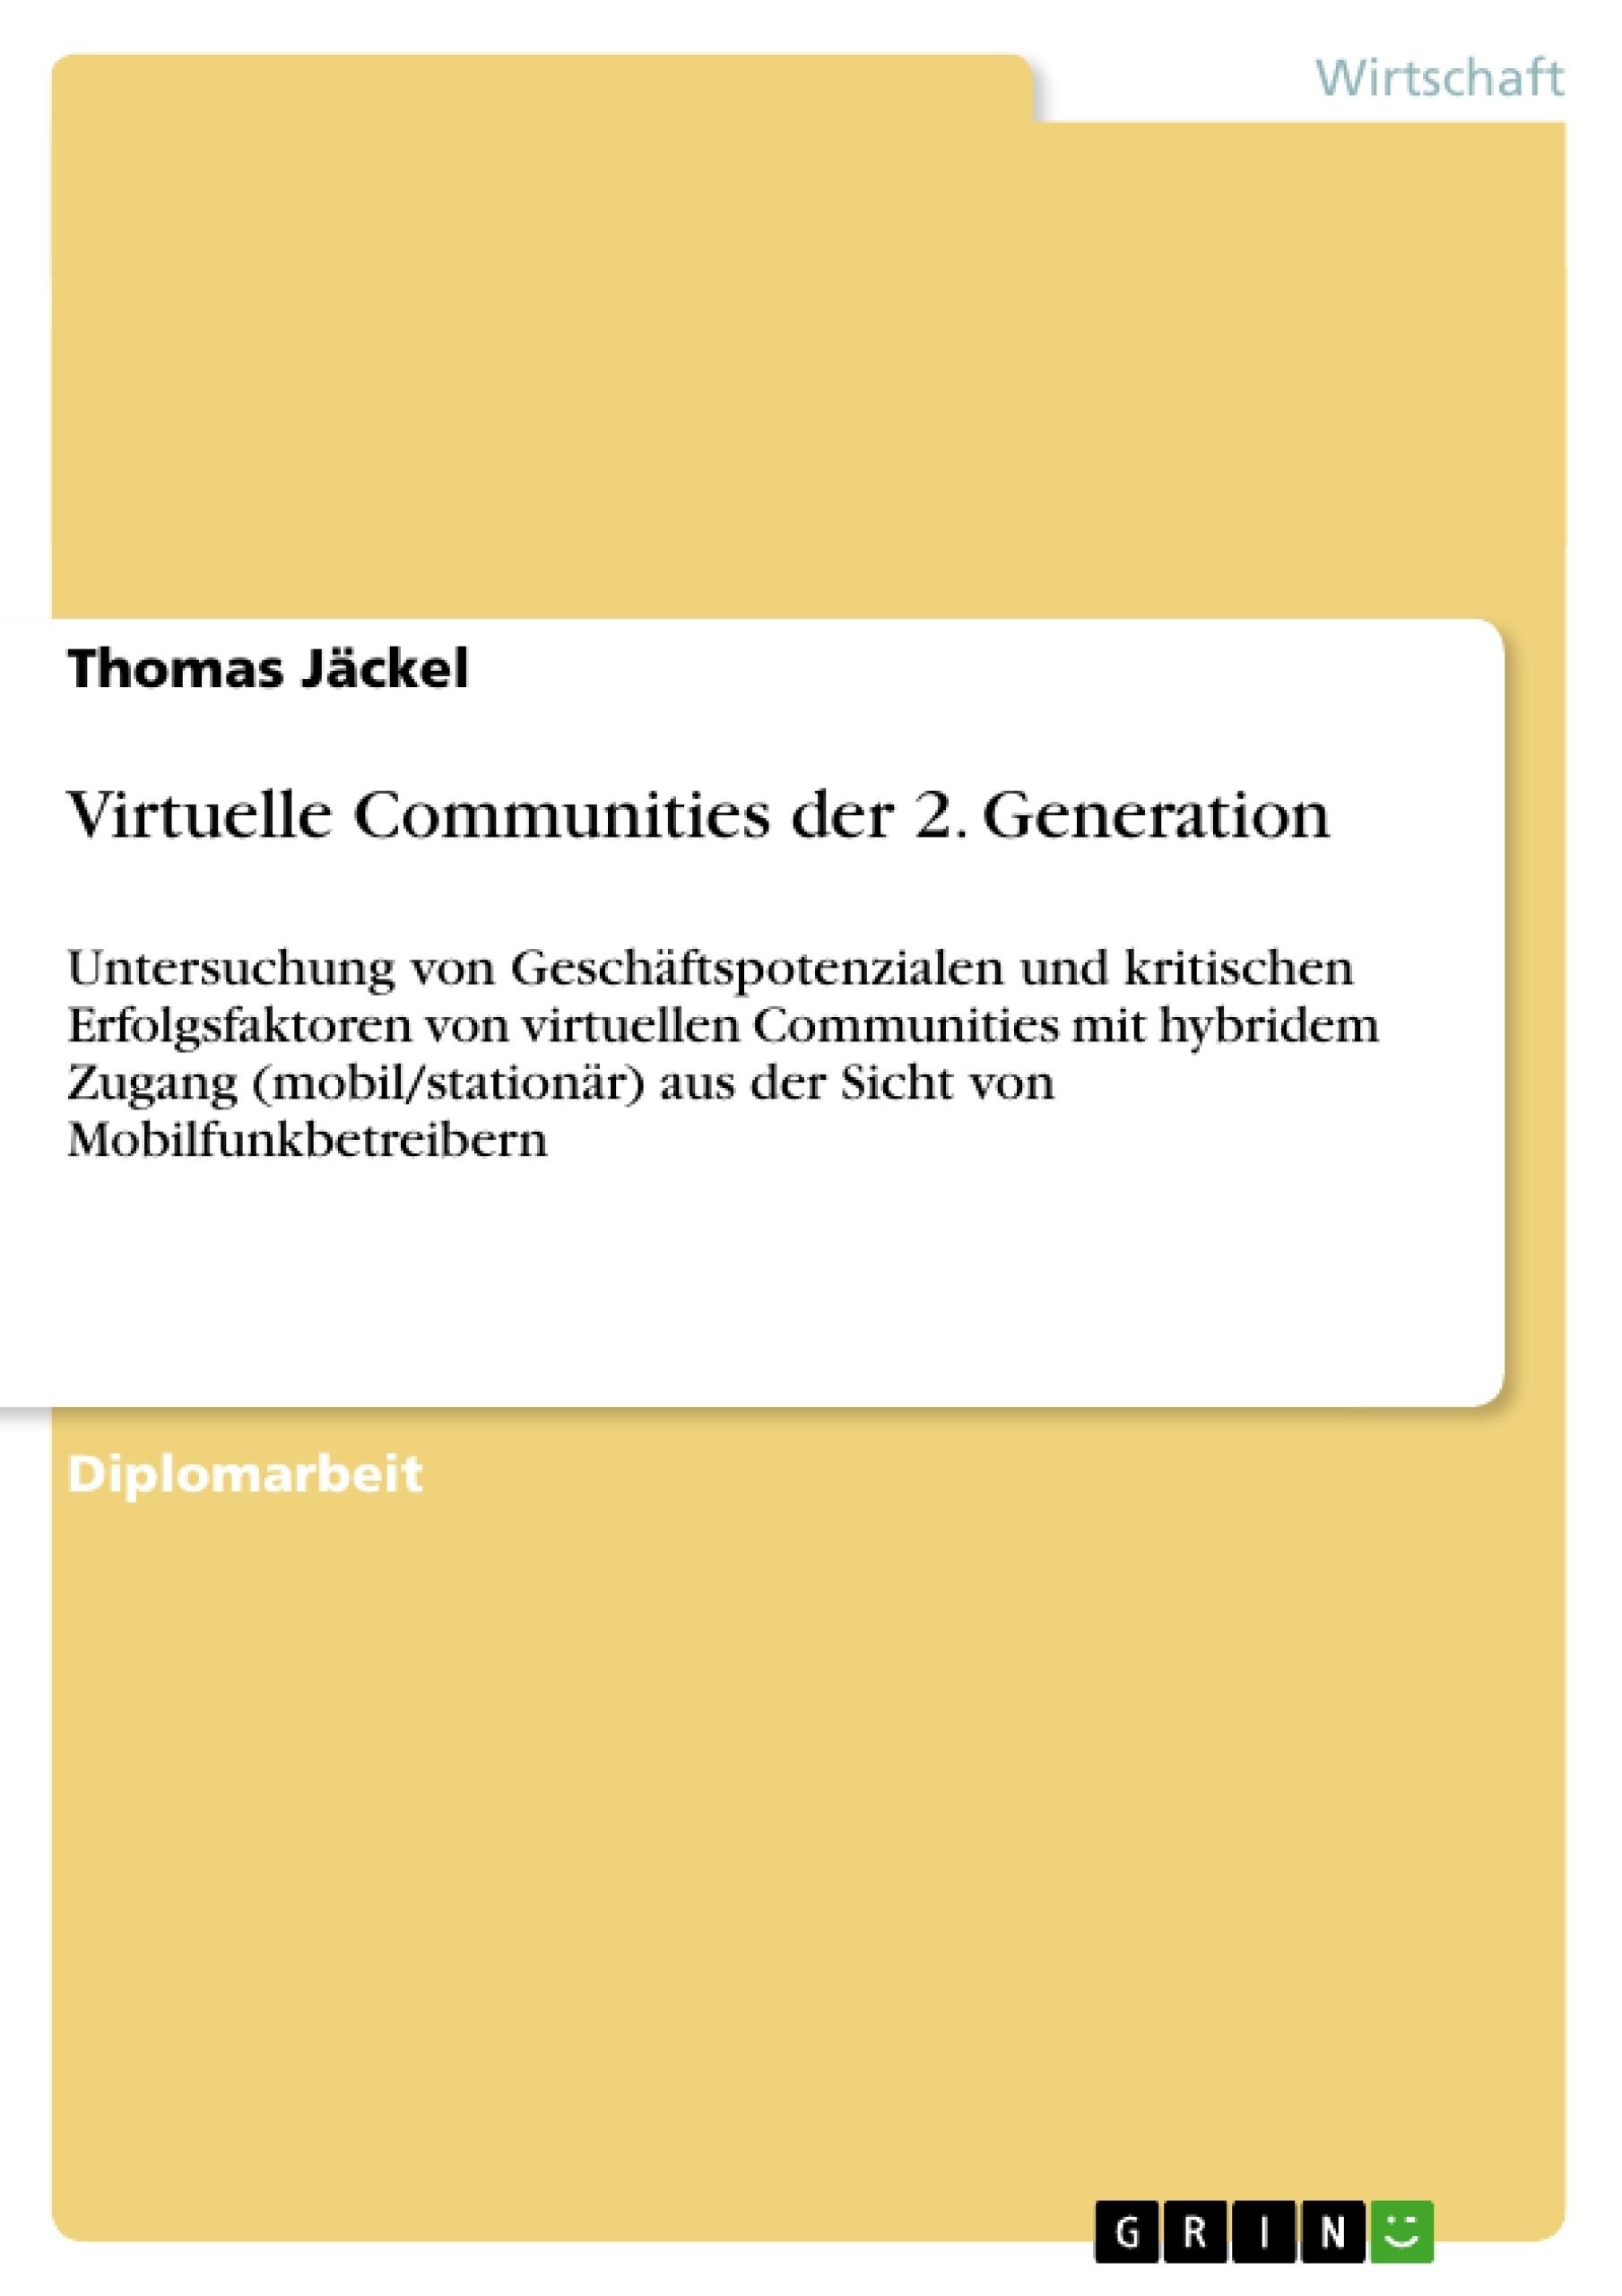 Titel: Virtuelle Communities der 2. Generation